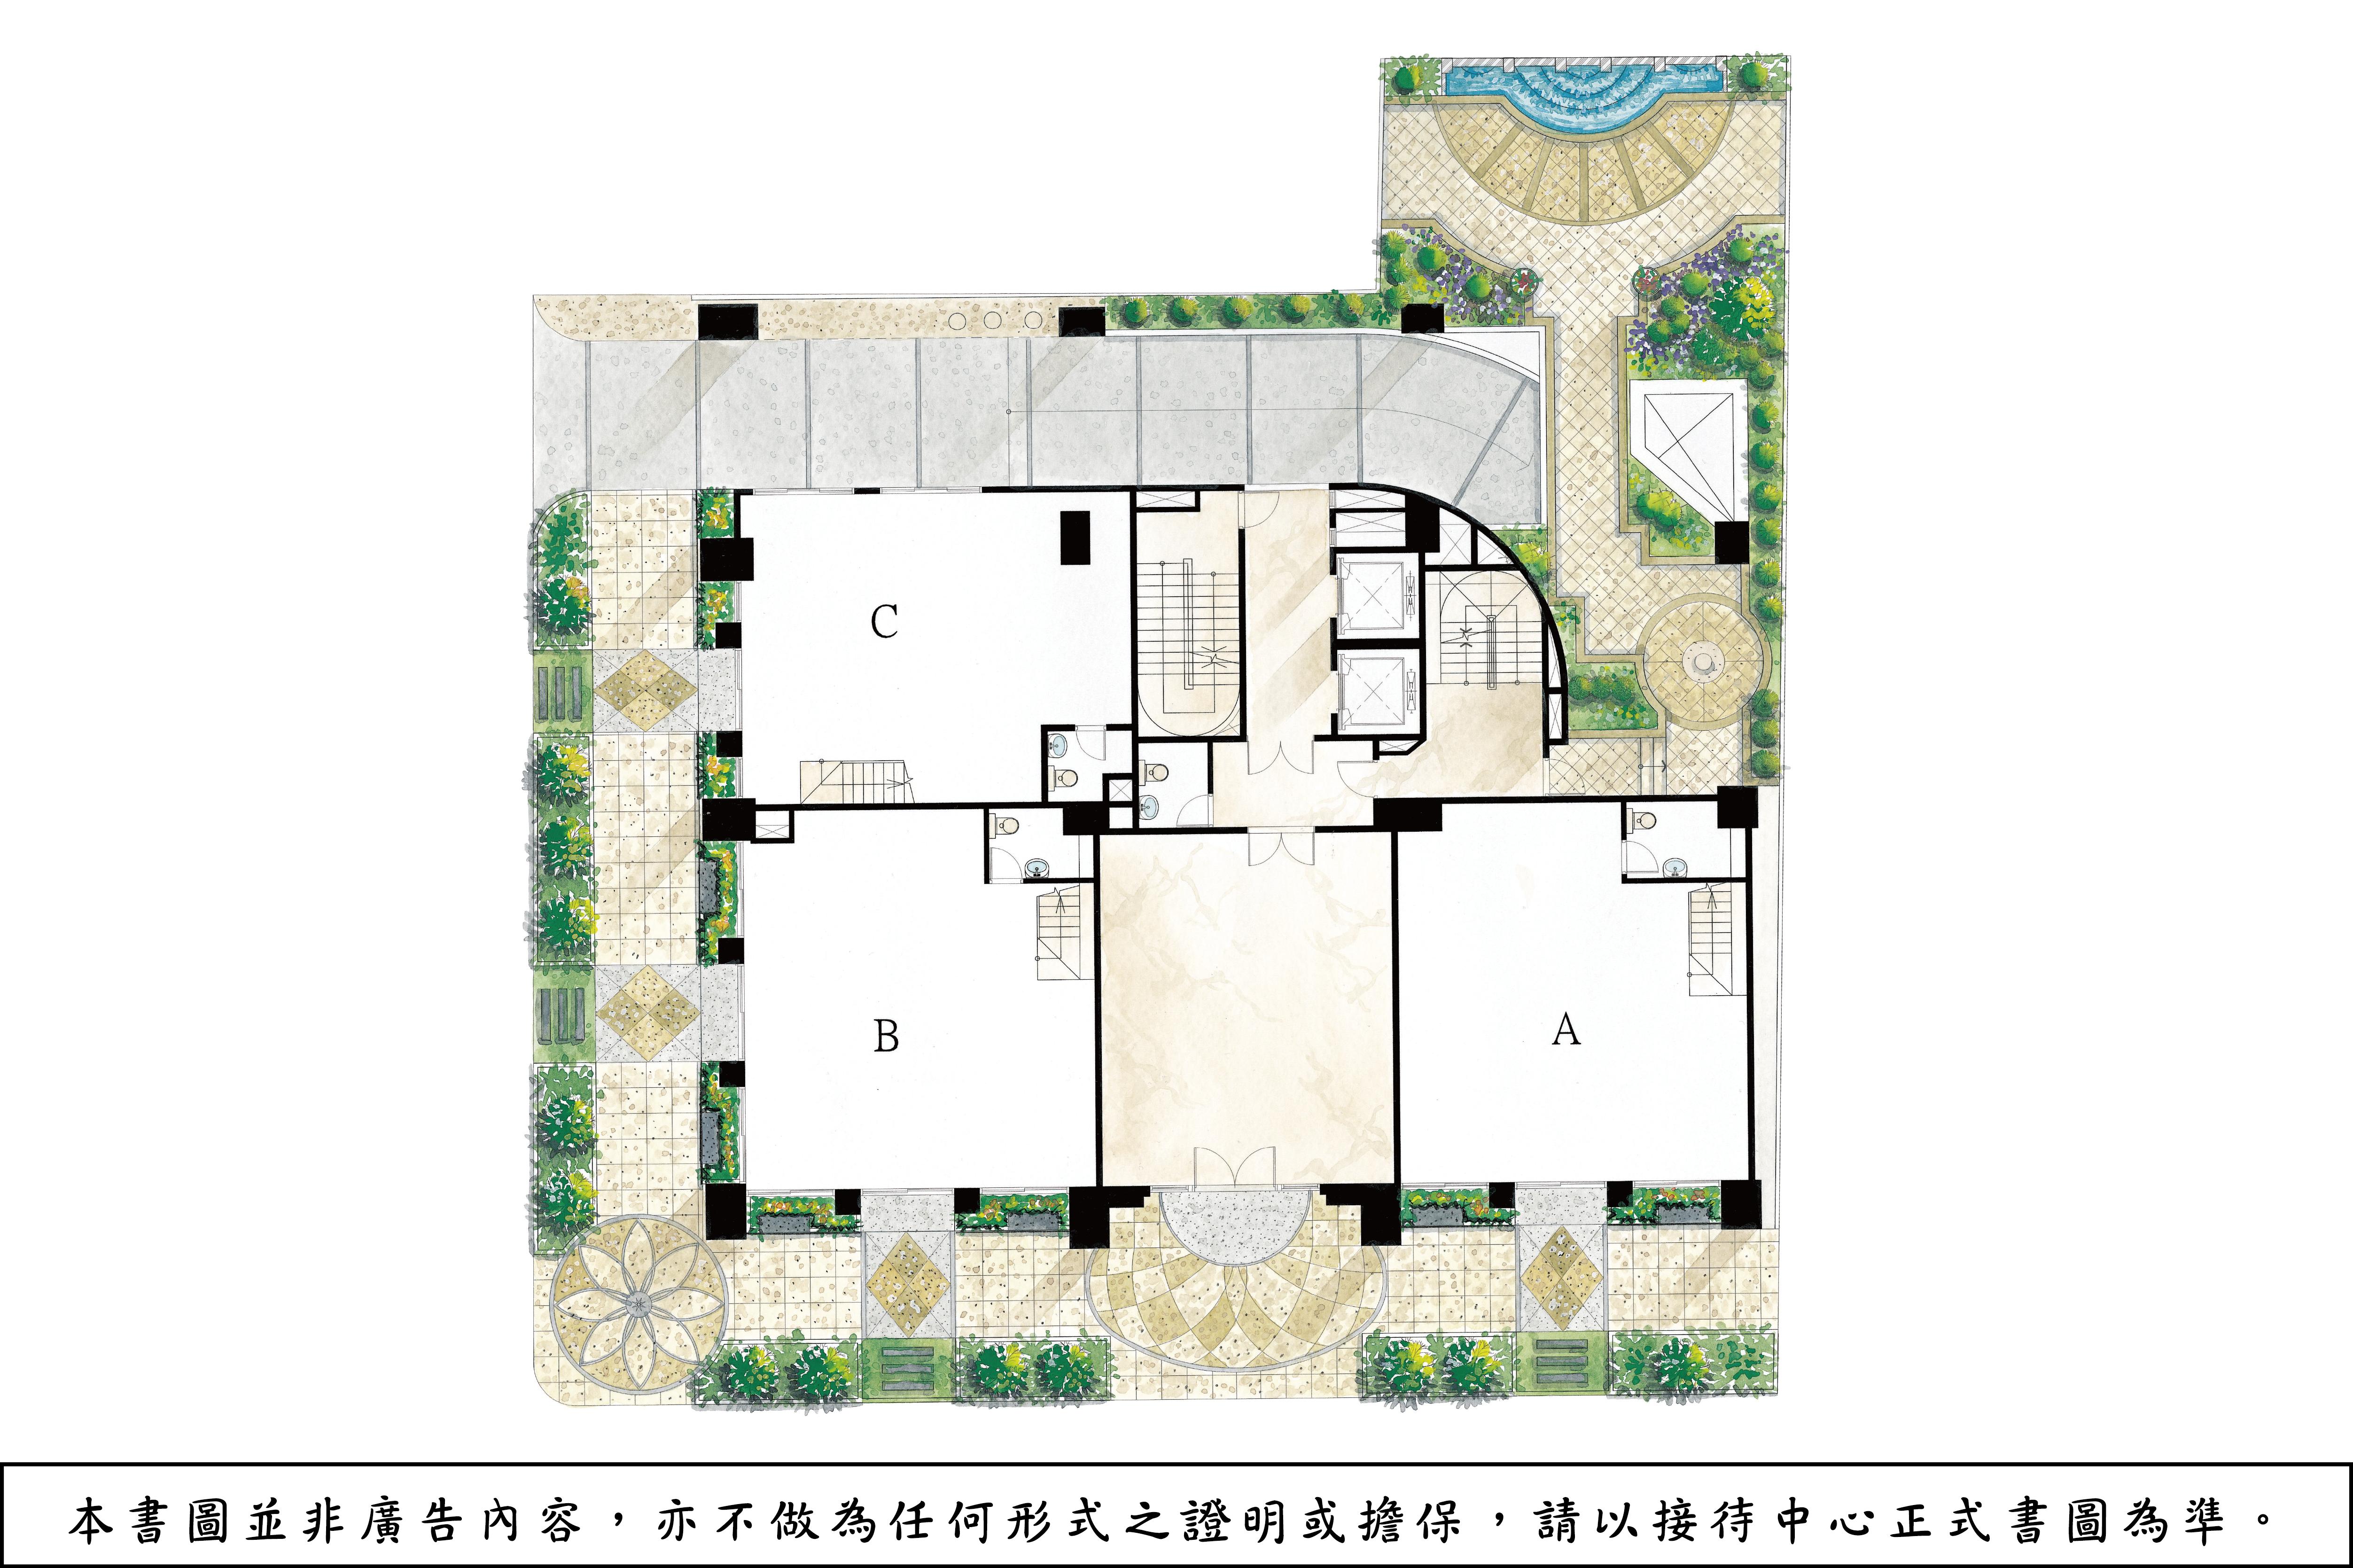 [頭份公園]宸圓建設-熏風六月NO.9(大樓)20180424-6.png